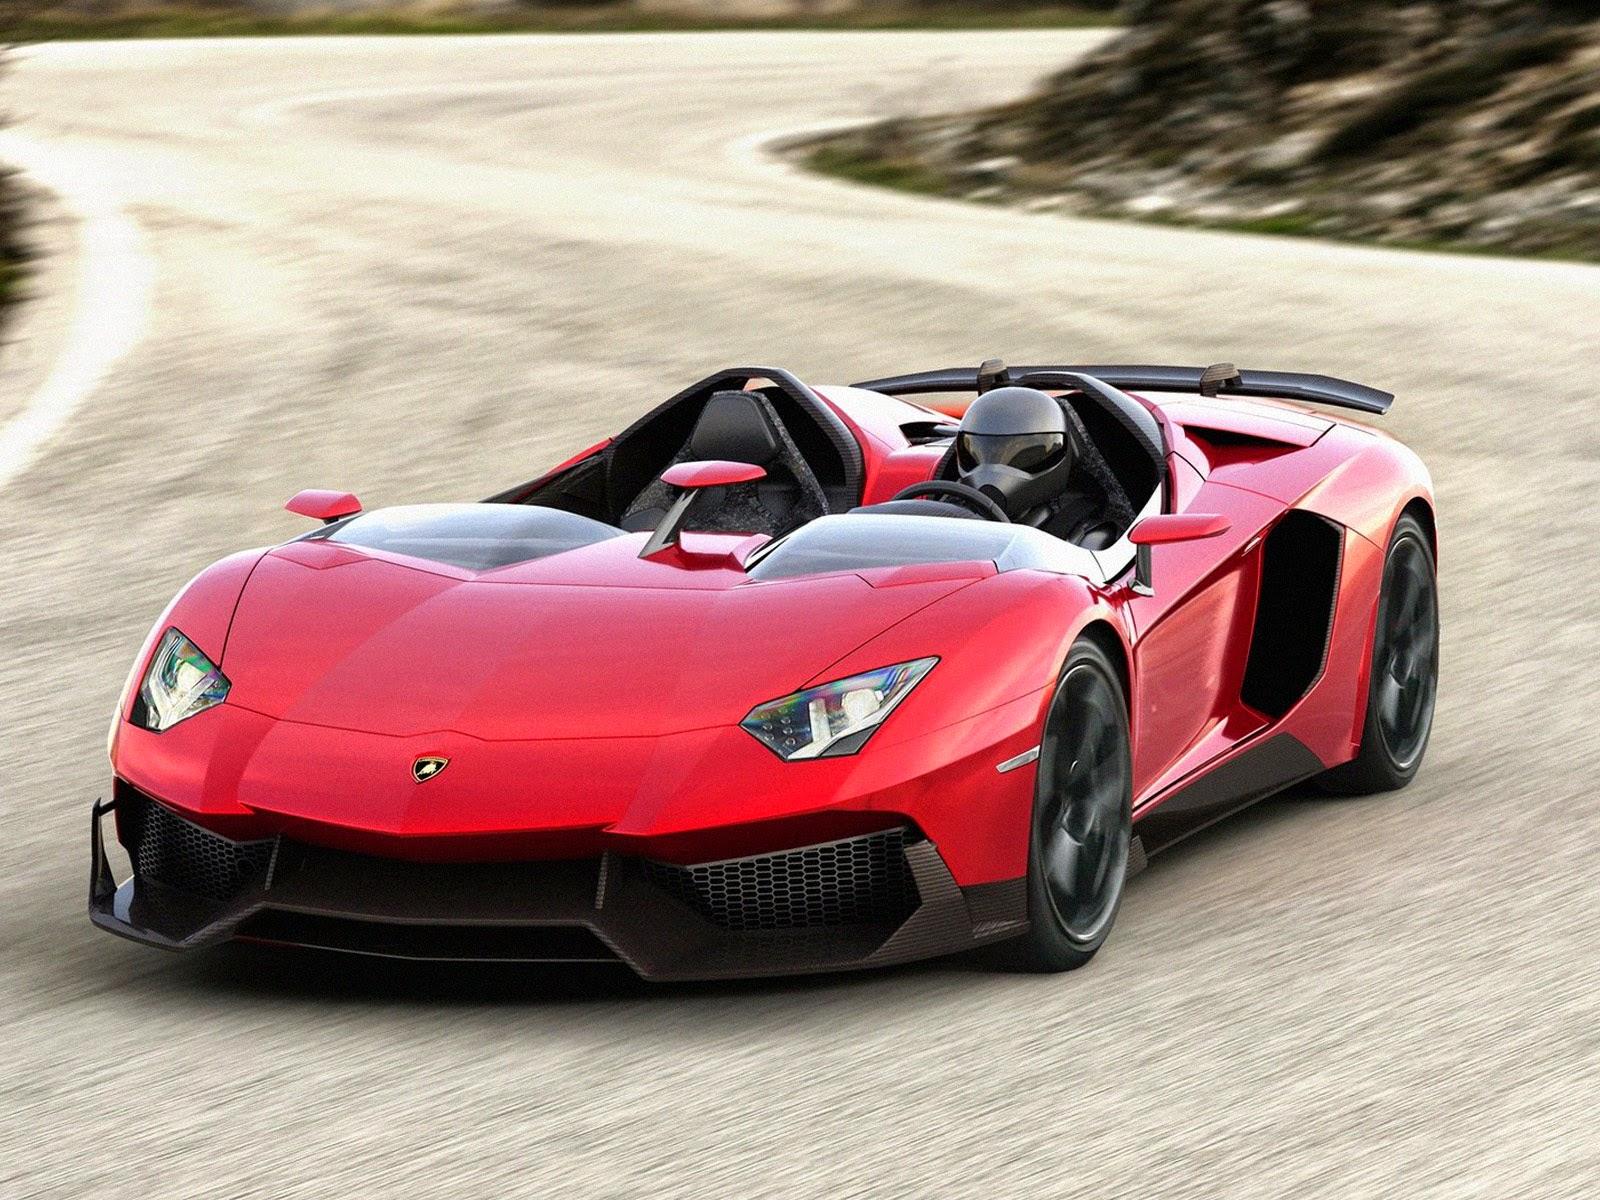 Gambar Mobil Sport Warna Biru Terbaru Sobat Modifikasi